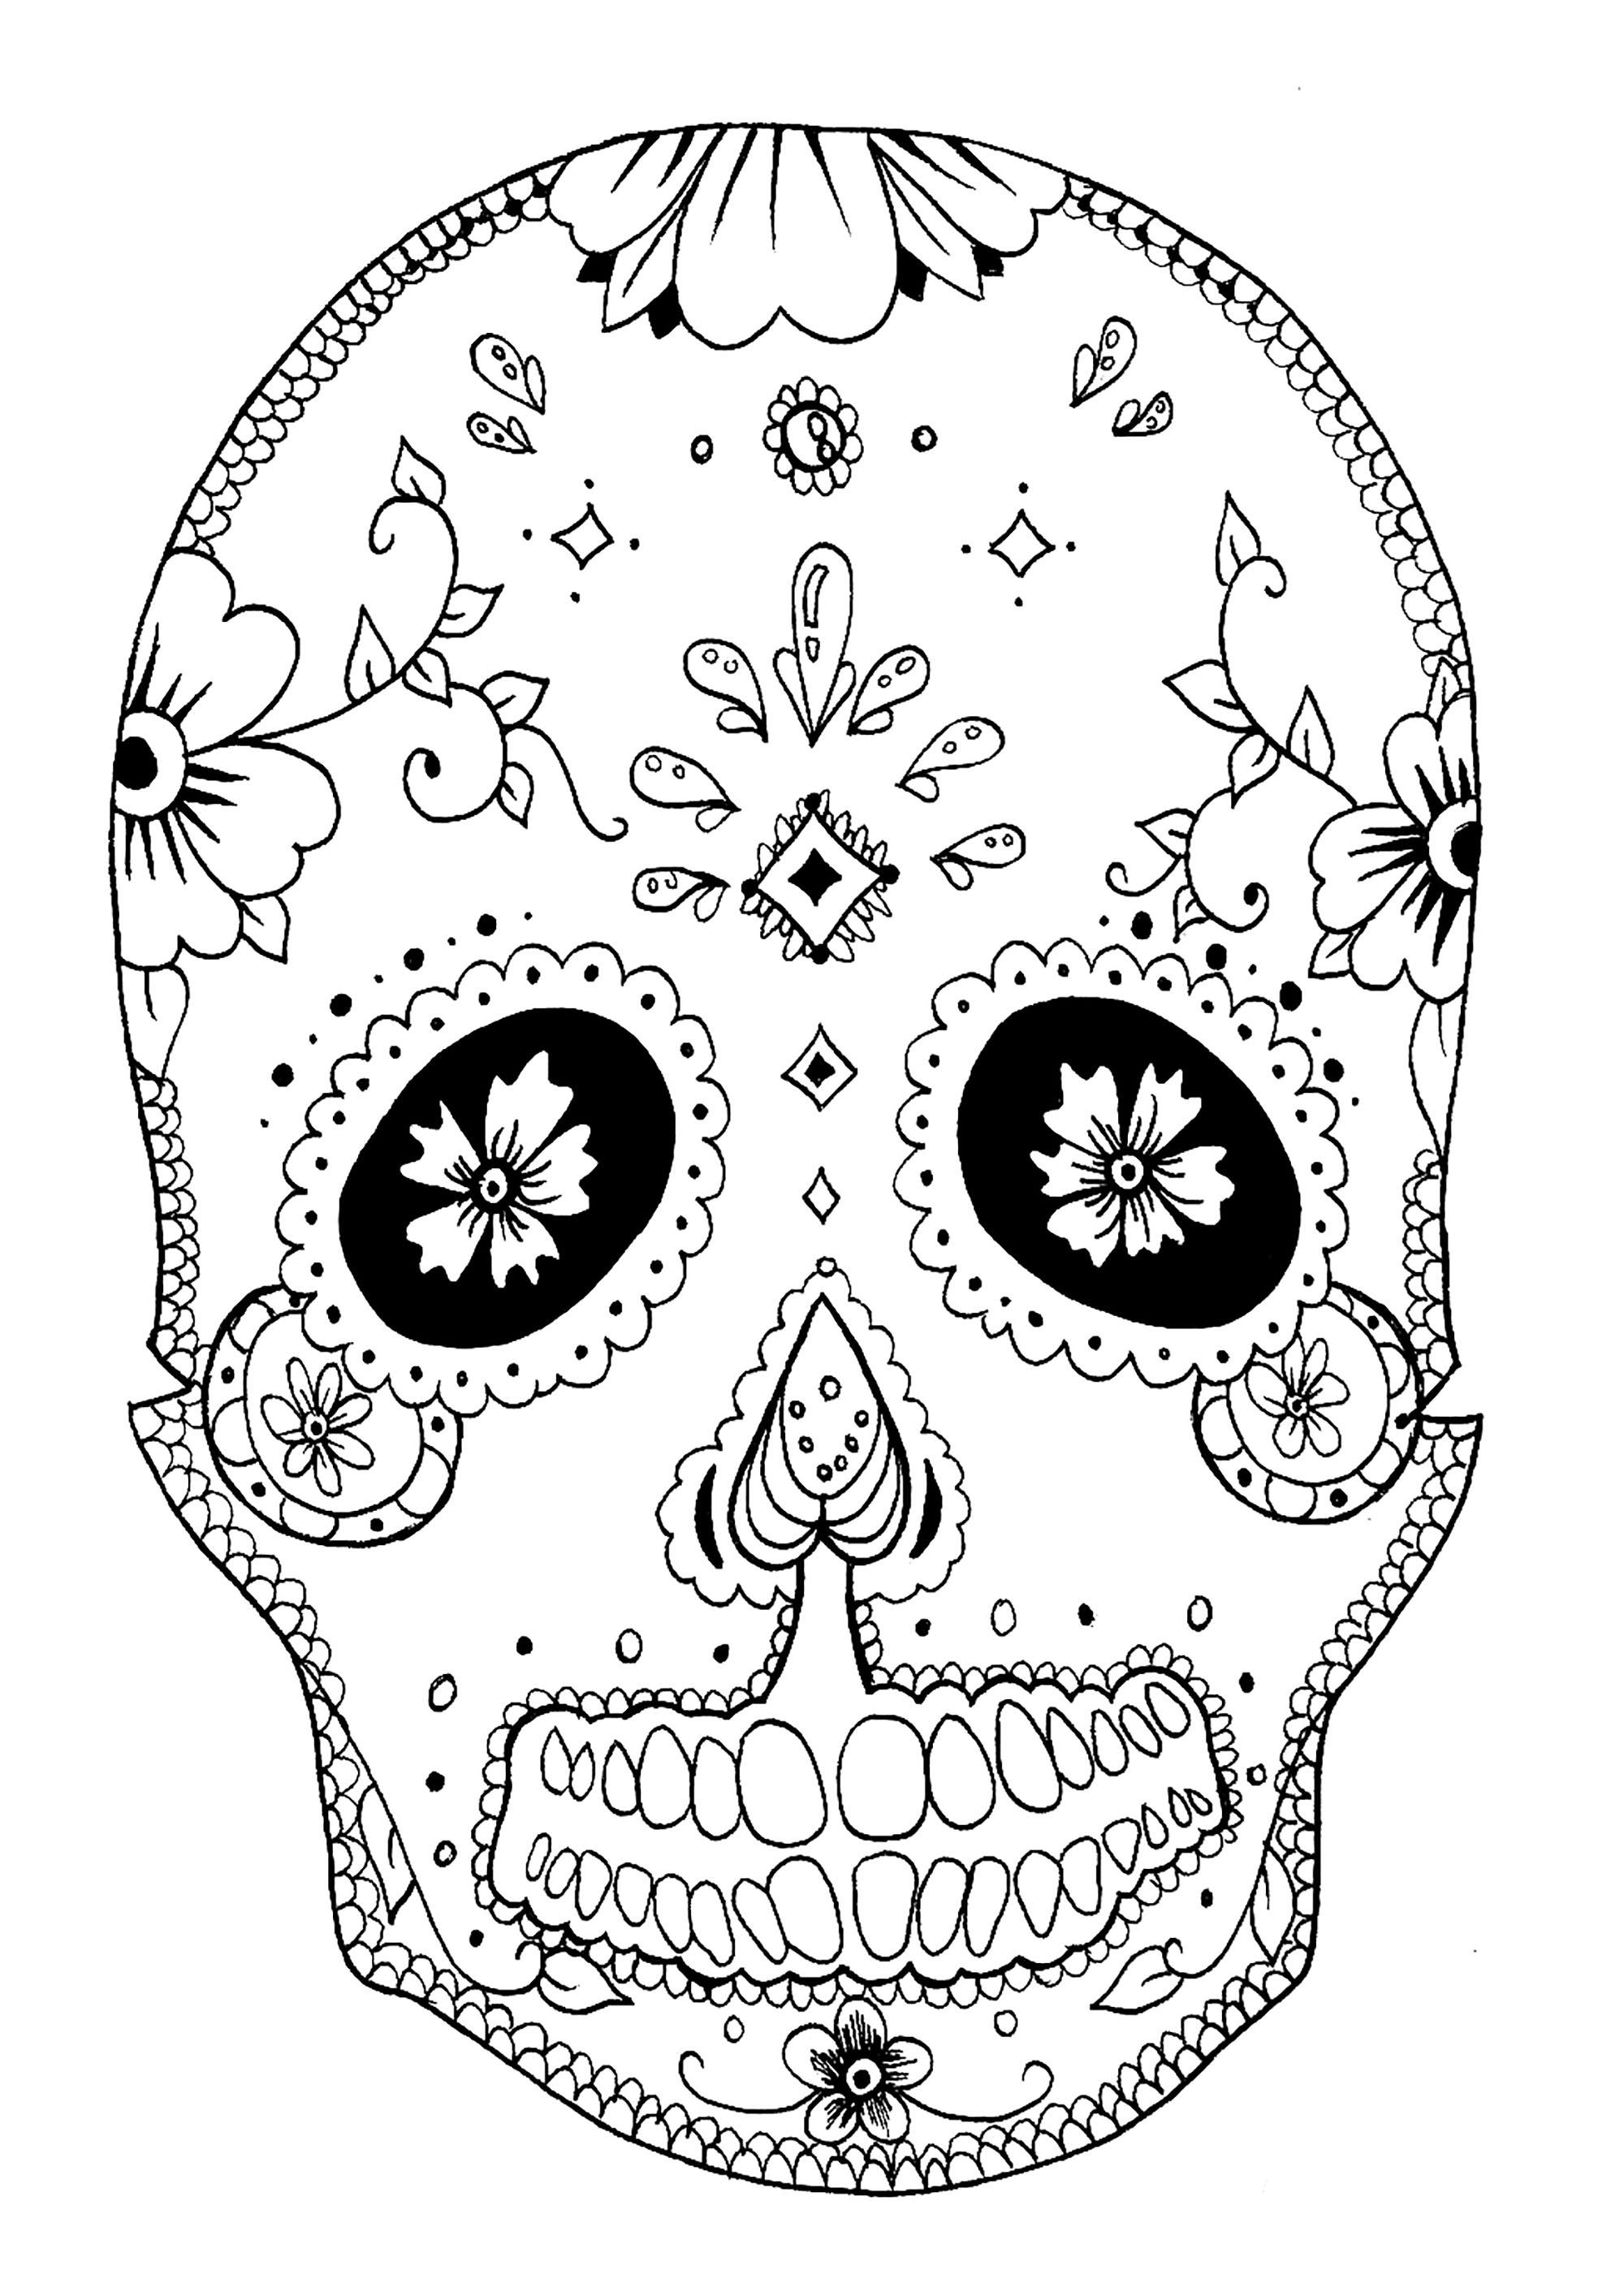 Disegni da colorare per adulti : El Dia De Los Muertos - 14